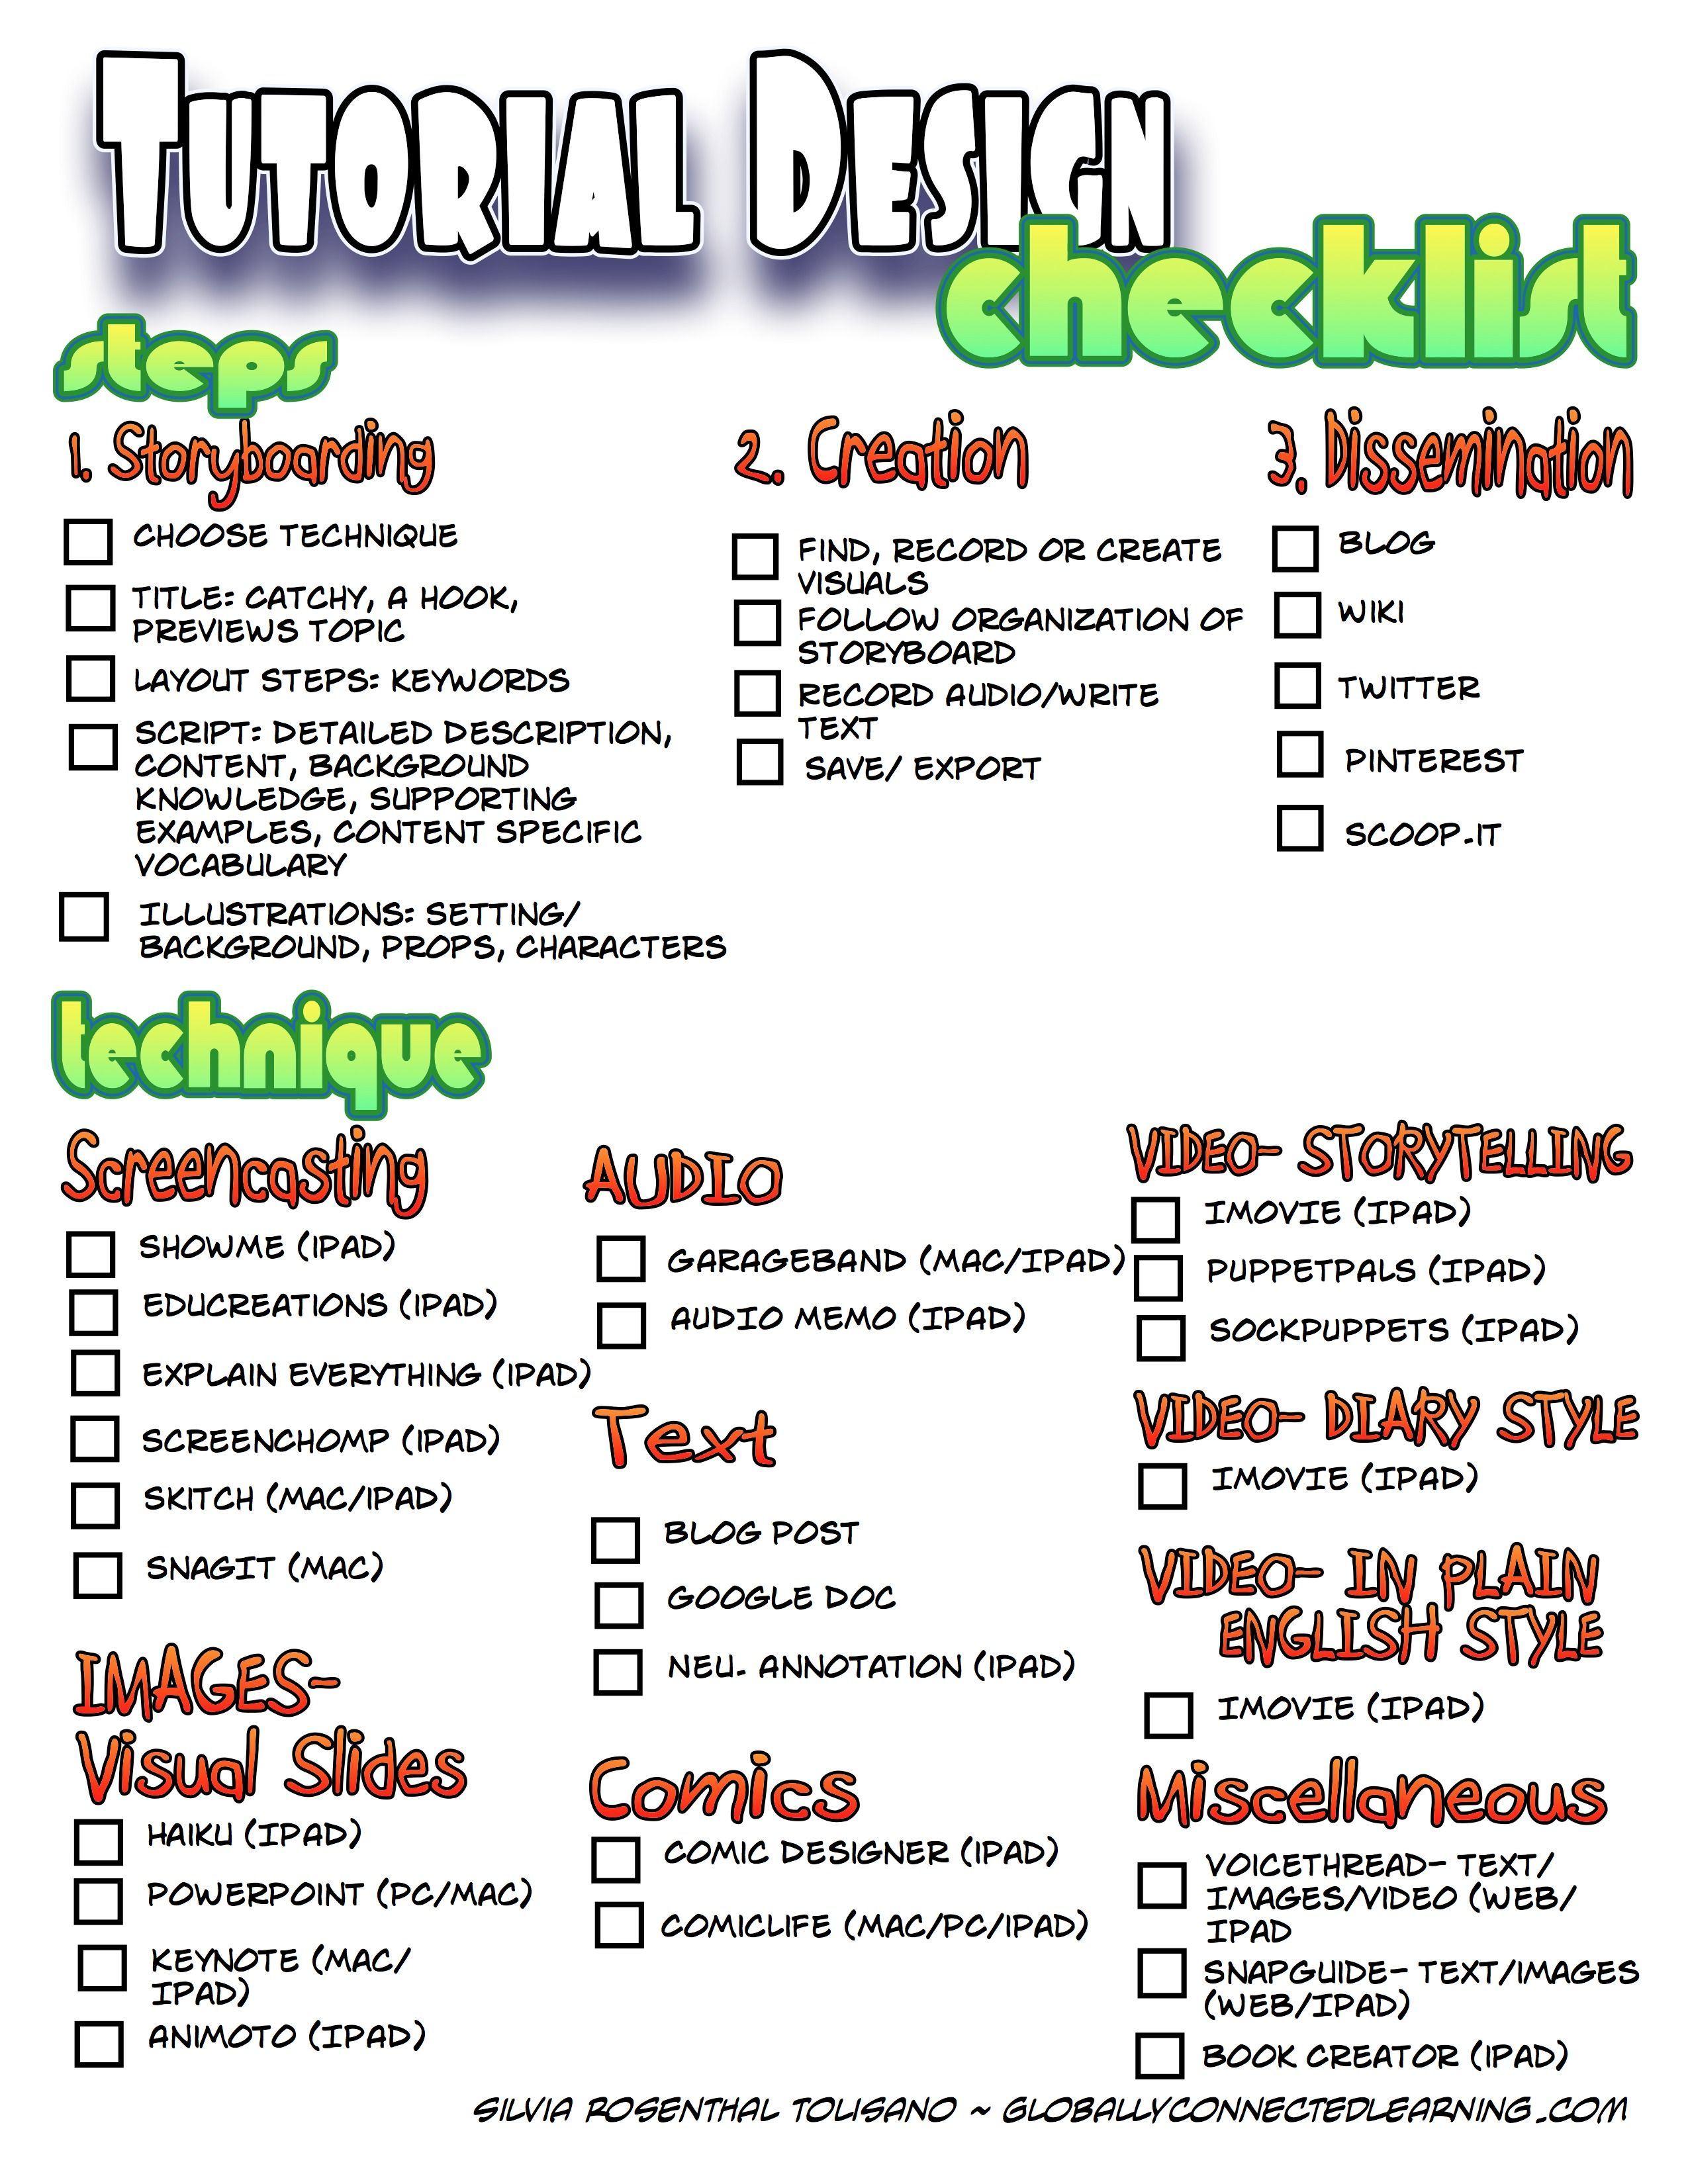 Tutorial Design Checklist This Informative Checklist